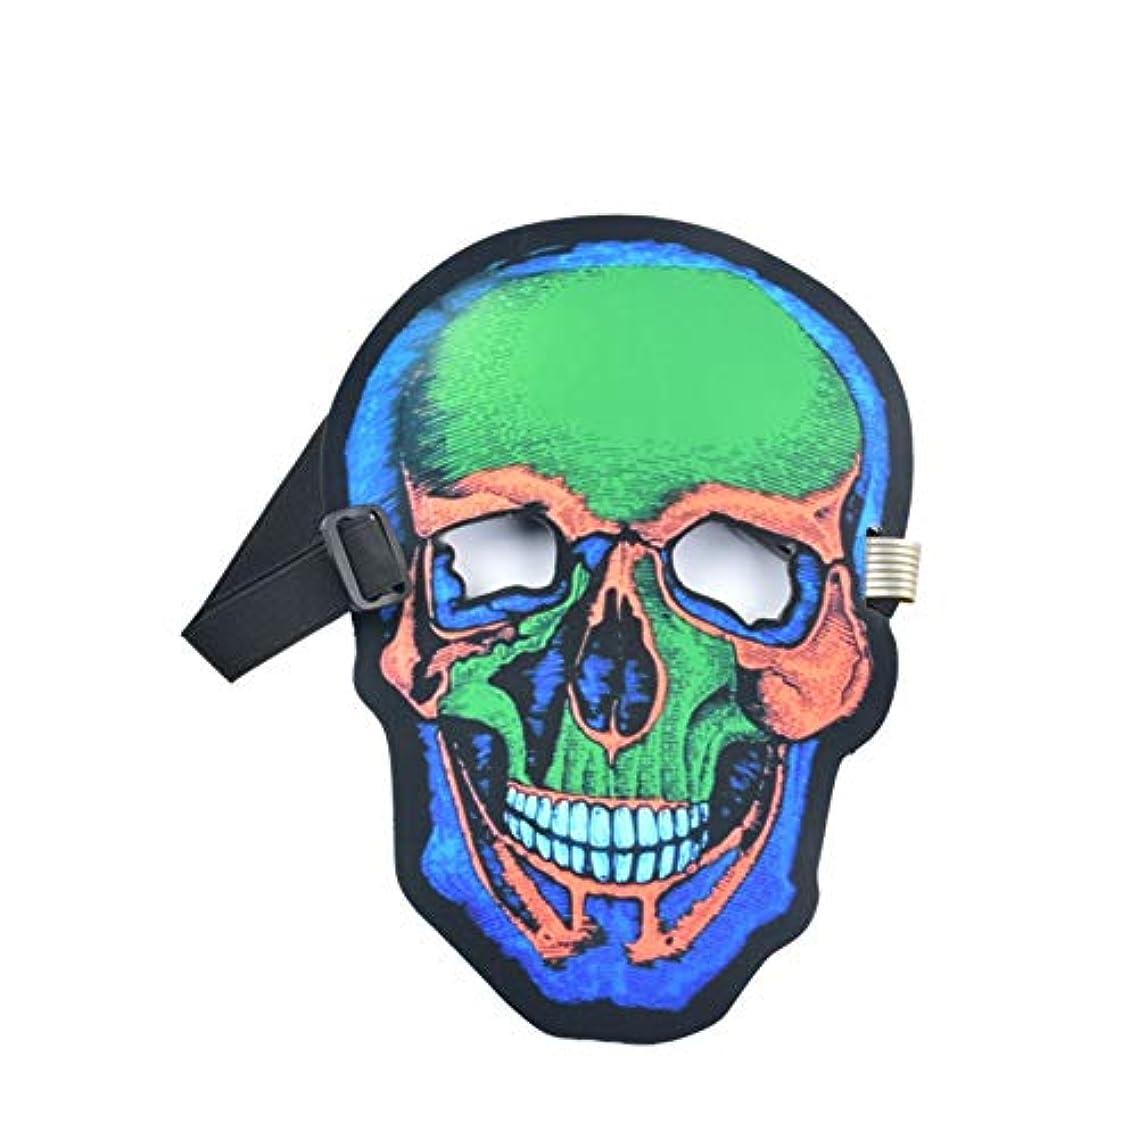 ボクシング事前増幅するEsolom ハロウィンドレスアップ どくろ頭 音声制御マスク 音作動LED照明マスク ウサギのデザイン ハロウィンマスク DJミュージックマスク